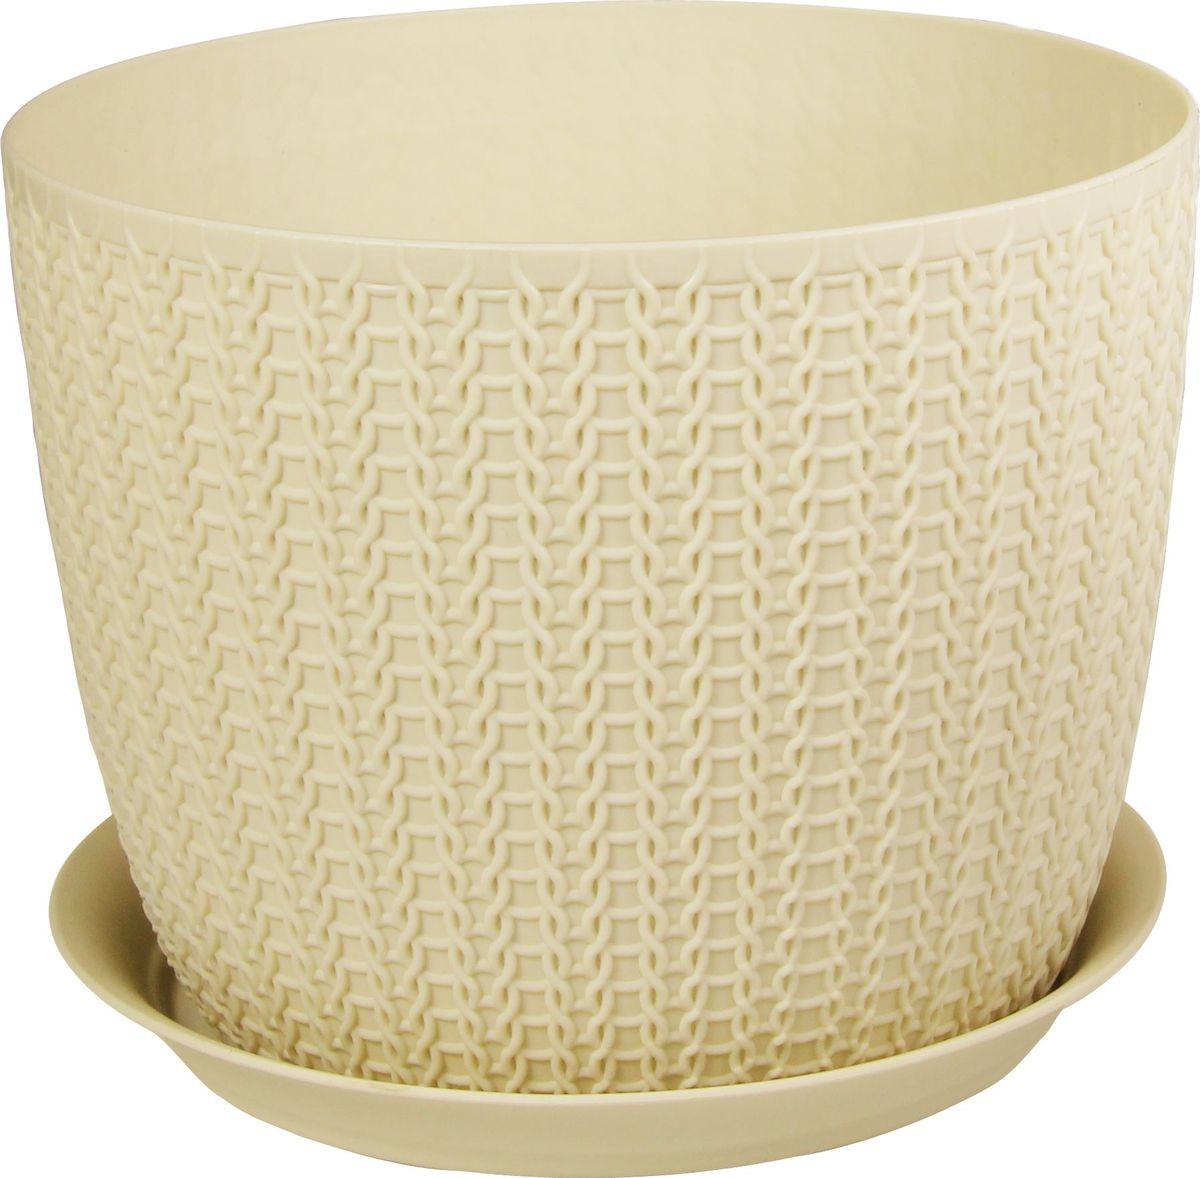 Кашпо Idea Вязание, с поддоном, цвет: белый ротанг1,9 л, диаметр 15,5 см. М 3120М 3120_белый ротанг